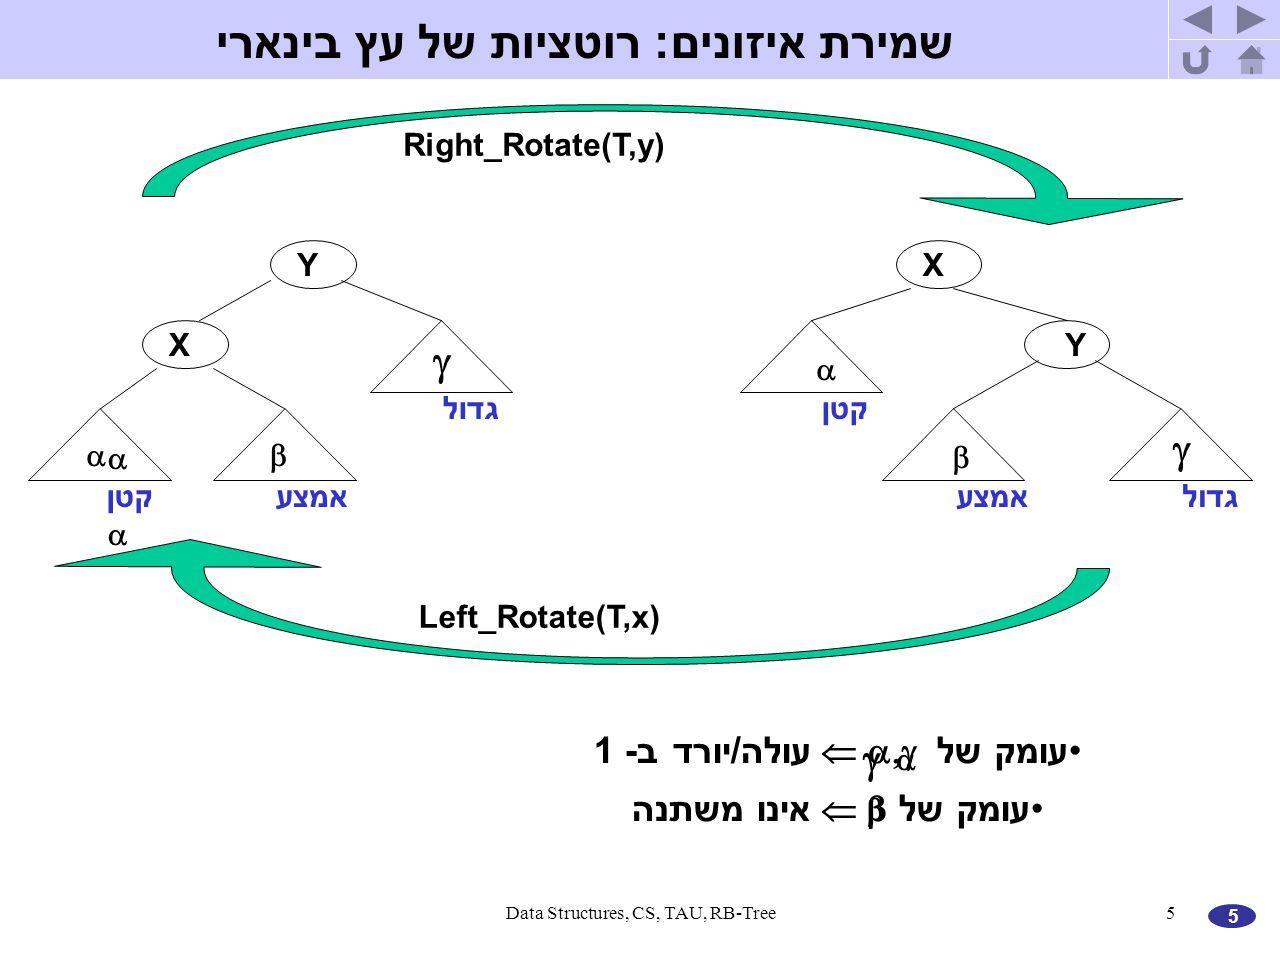 5 Data Structures, CS, TAU, RB-Tree5 קטן         X Y Y X Right_Rotate(T,y) Left_Rotate(T,x) גדול קטן אמצע עומק של   עולה/יורד ב- 1 עומק של   אינו משתנה שמירת איזונים: רוטציות של עץ בינארי    